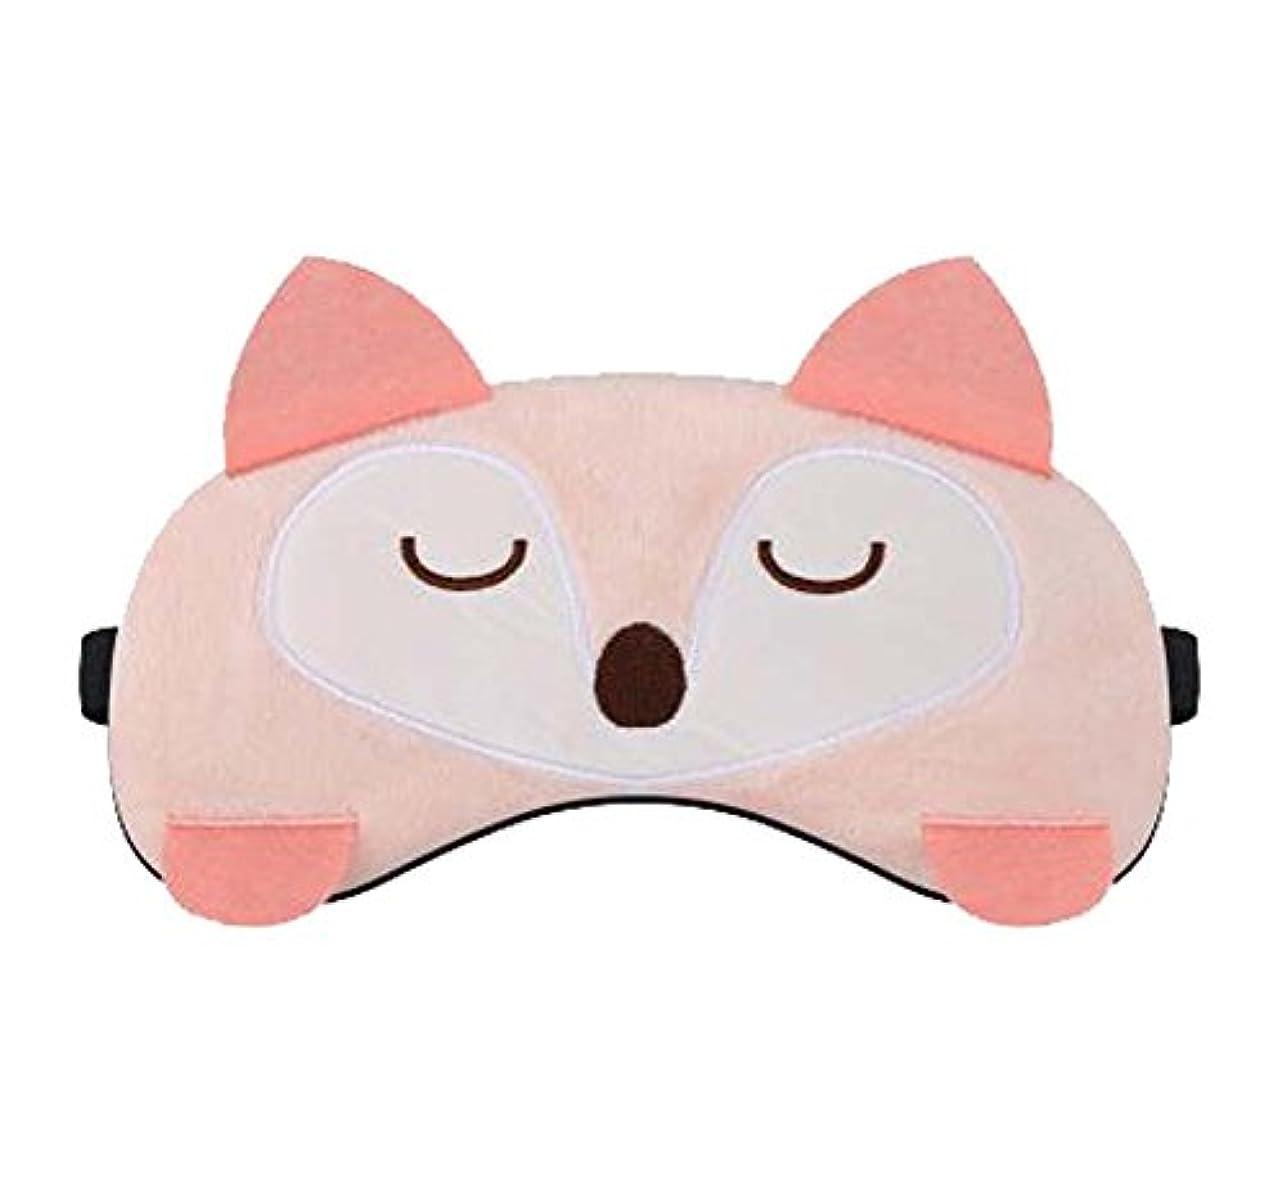 運動するたるみ自治的かわいい睡眠マスクアイマスク - セラピー不眠症 - 男性、女性、女の子、子供、A